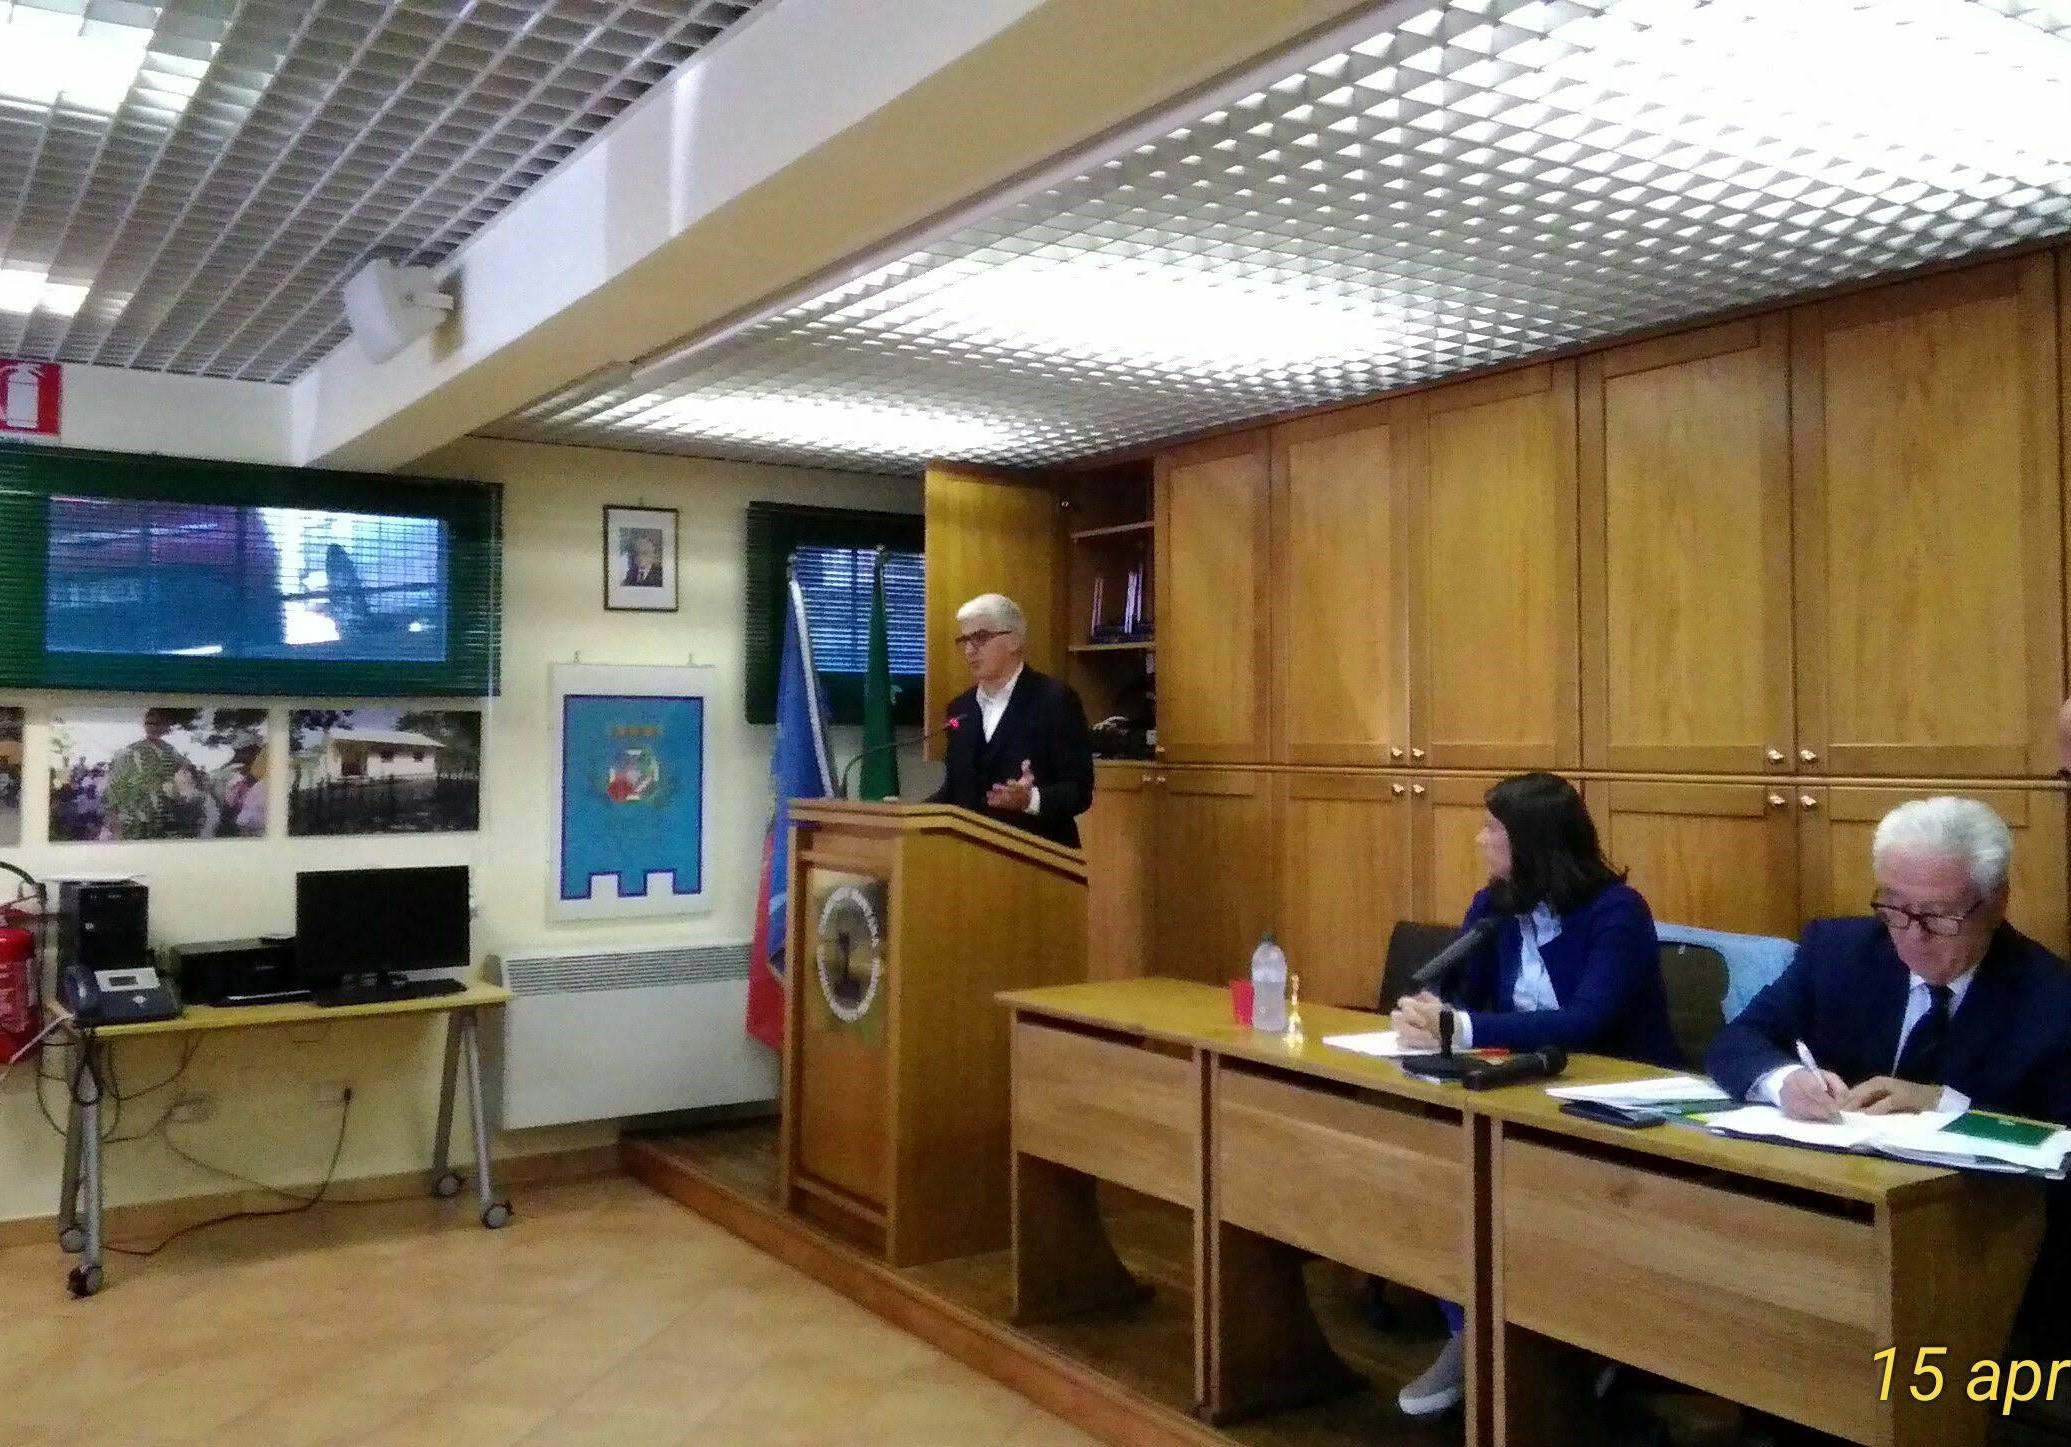 Danilo Sordi, neo Presidente della Comunità Montana Castelli Romani e Prenestini, traccia le linee del nuovo corso